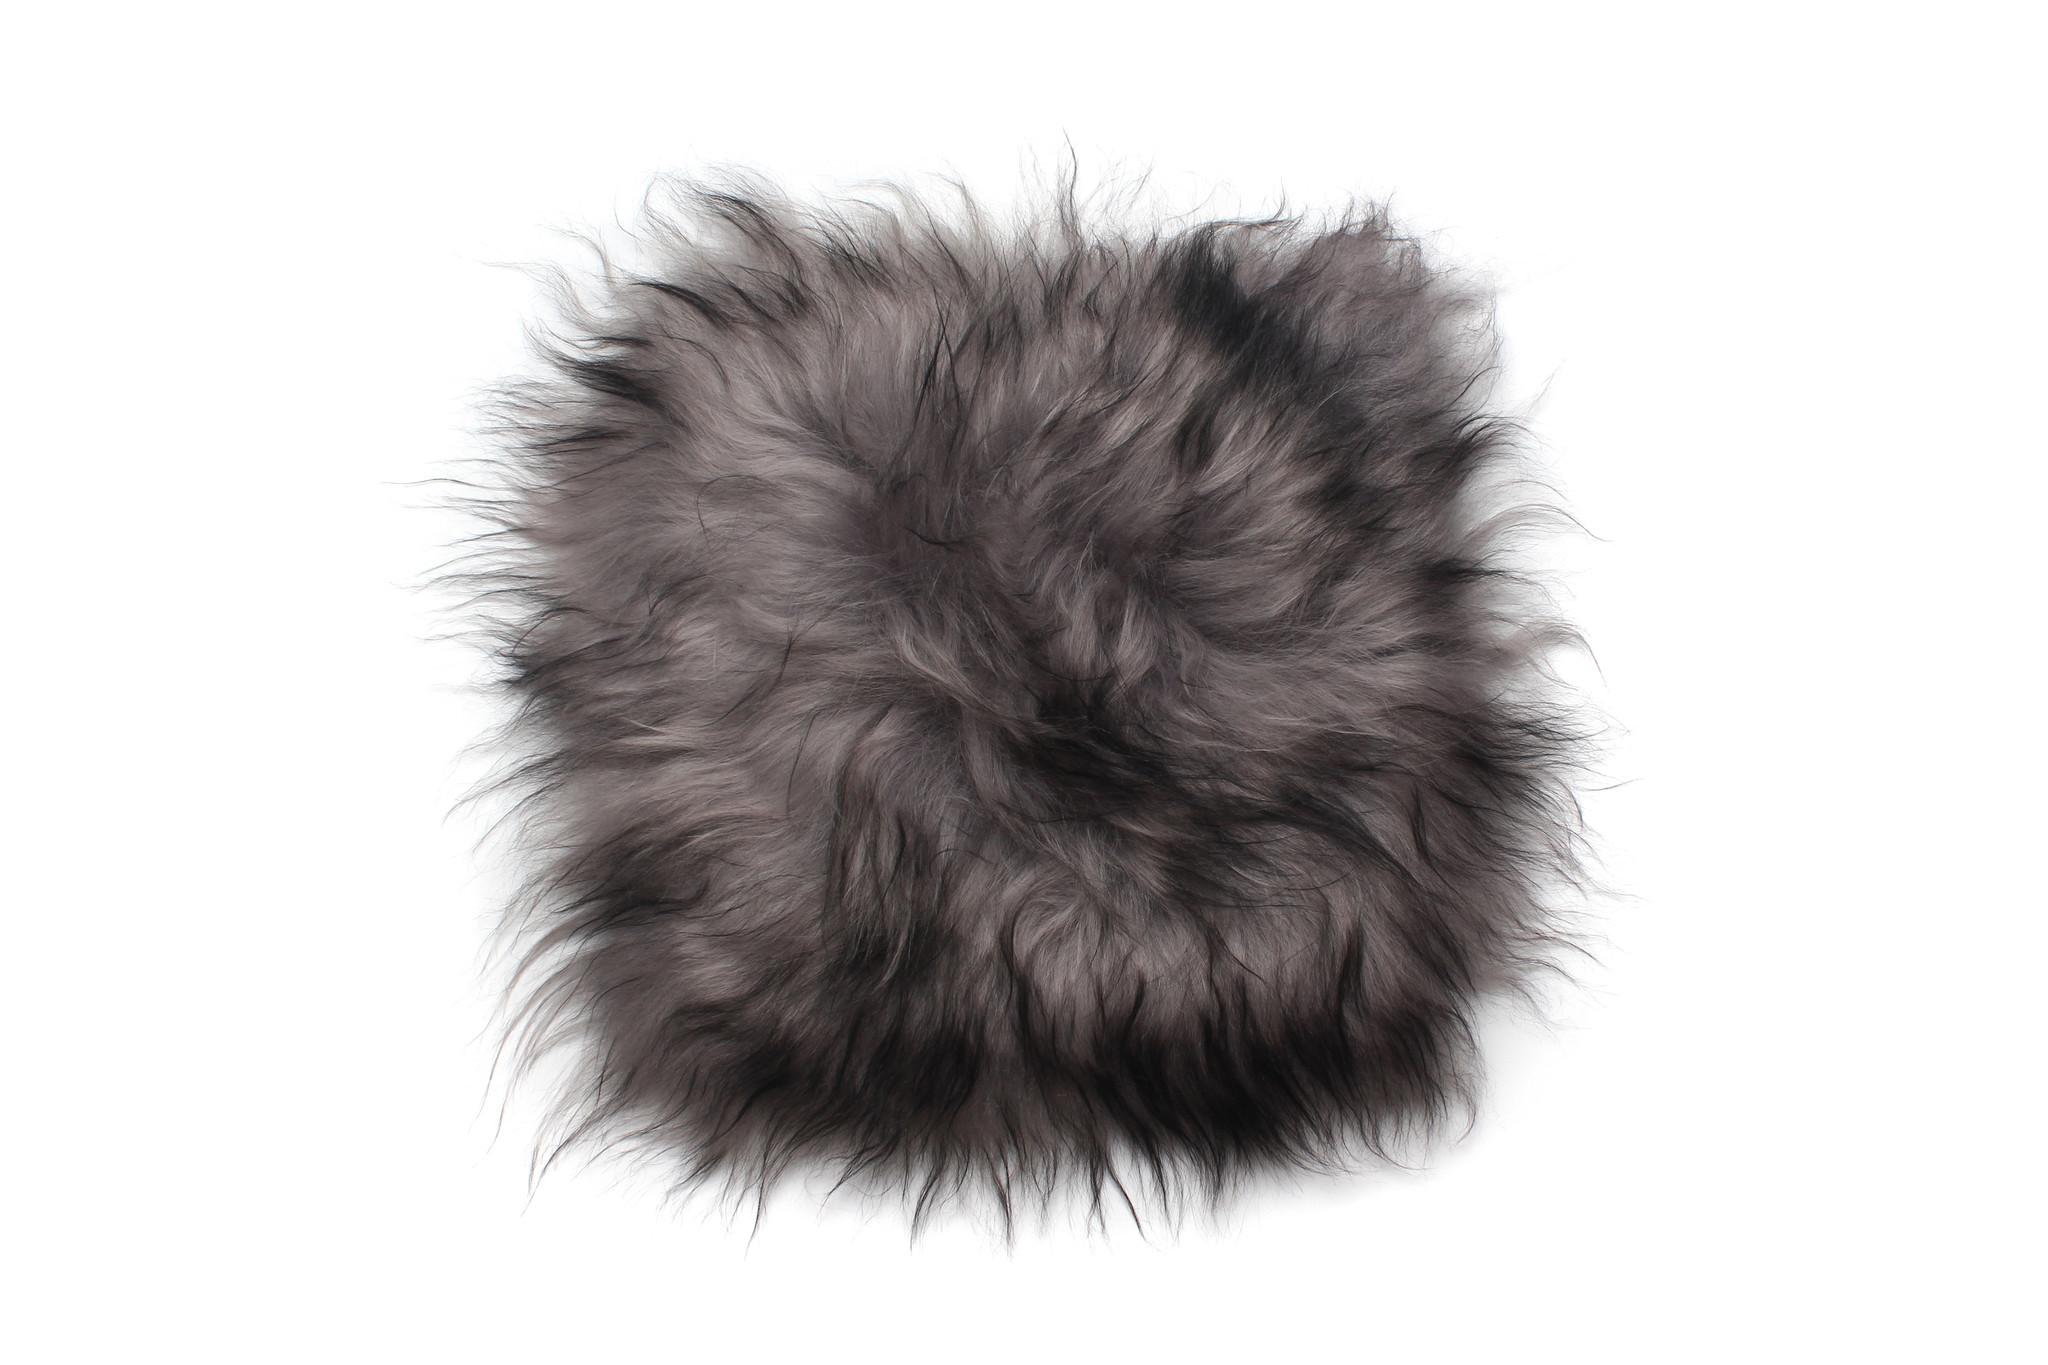 @BERG Stoelpad schapenvacht vierkant -grijs dark top-